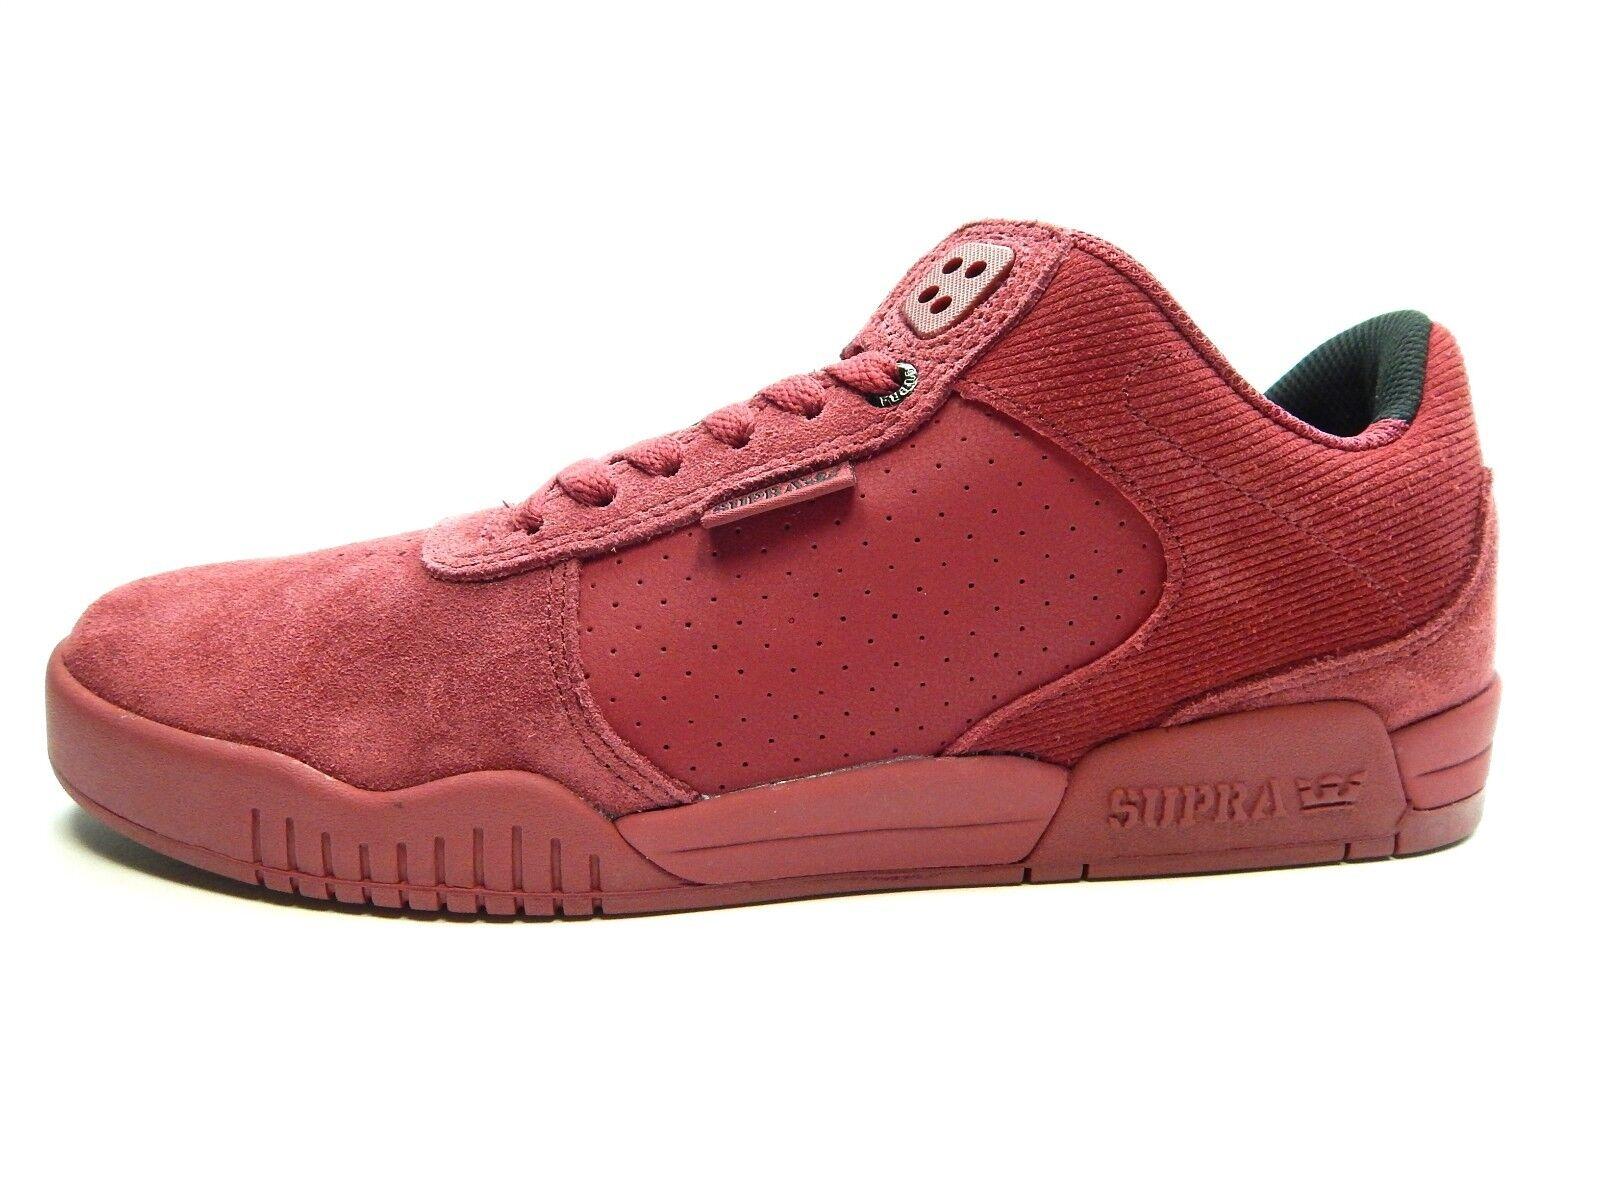 SUPRA ELLINGTON 08114-642 Oscuro Rubí hombres zapatos talla 10